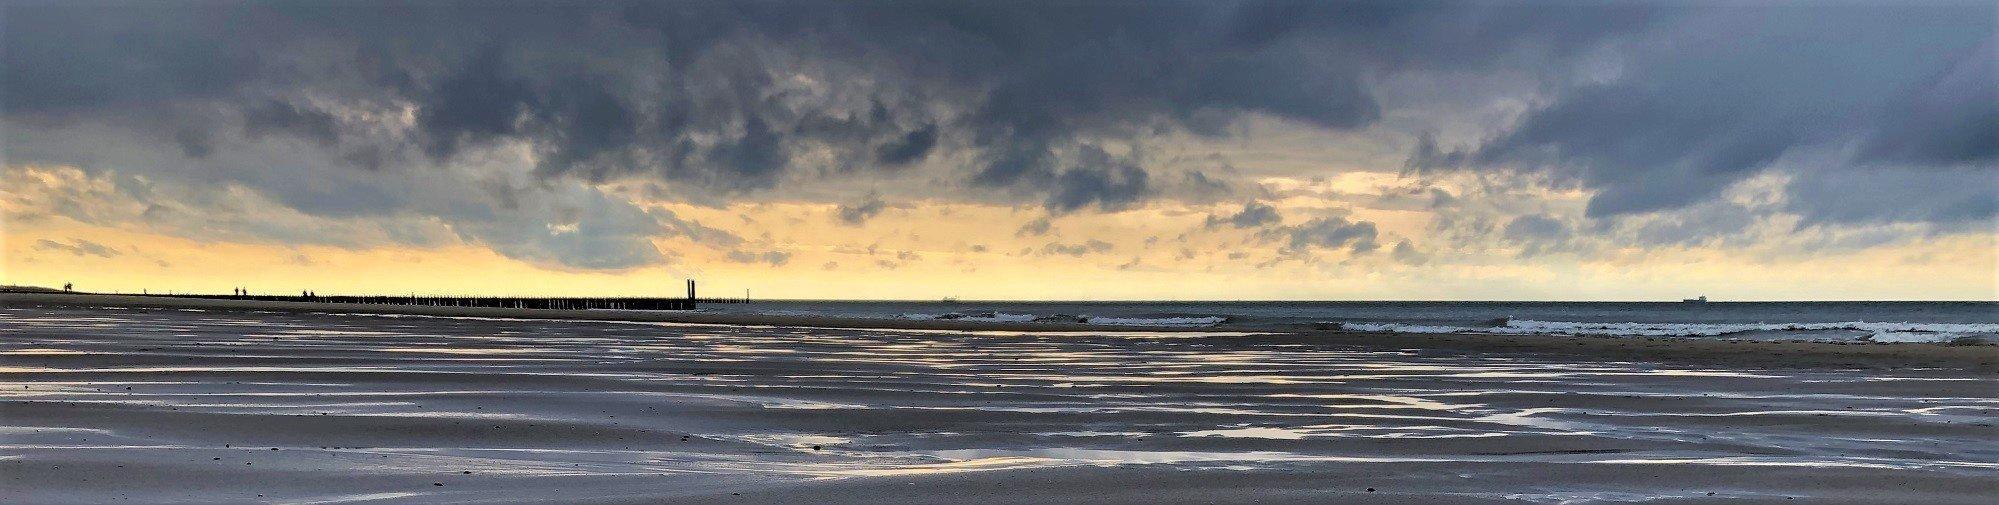 Dunkle Gewitterwolken, darunter ein heller Lichtstreif über aufgewühlter See und einem menschenleeren Strand.